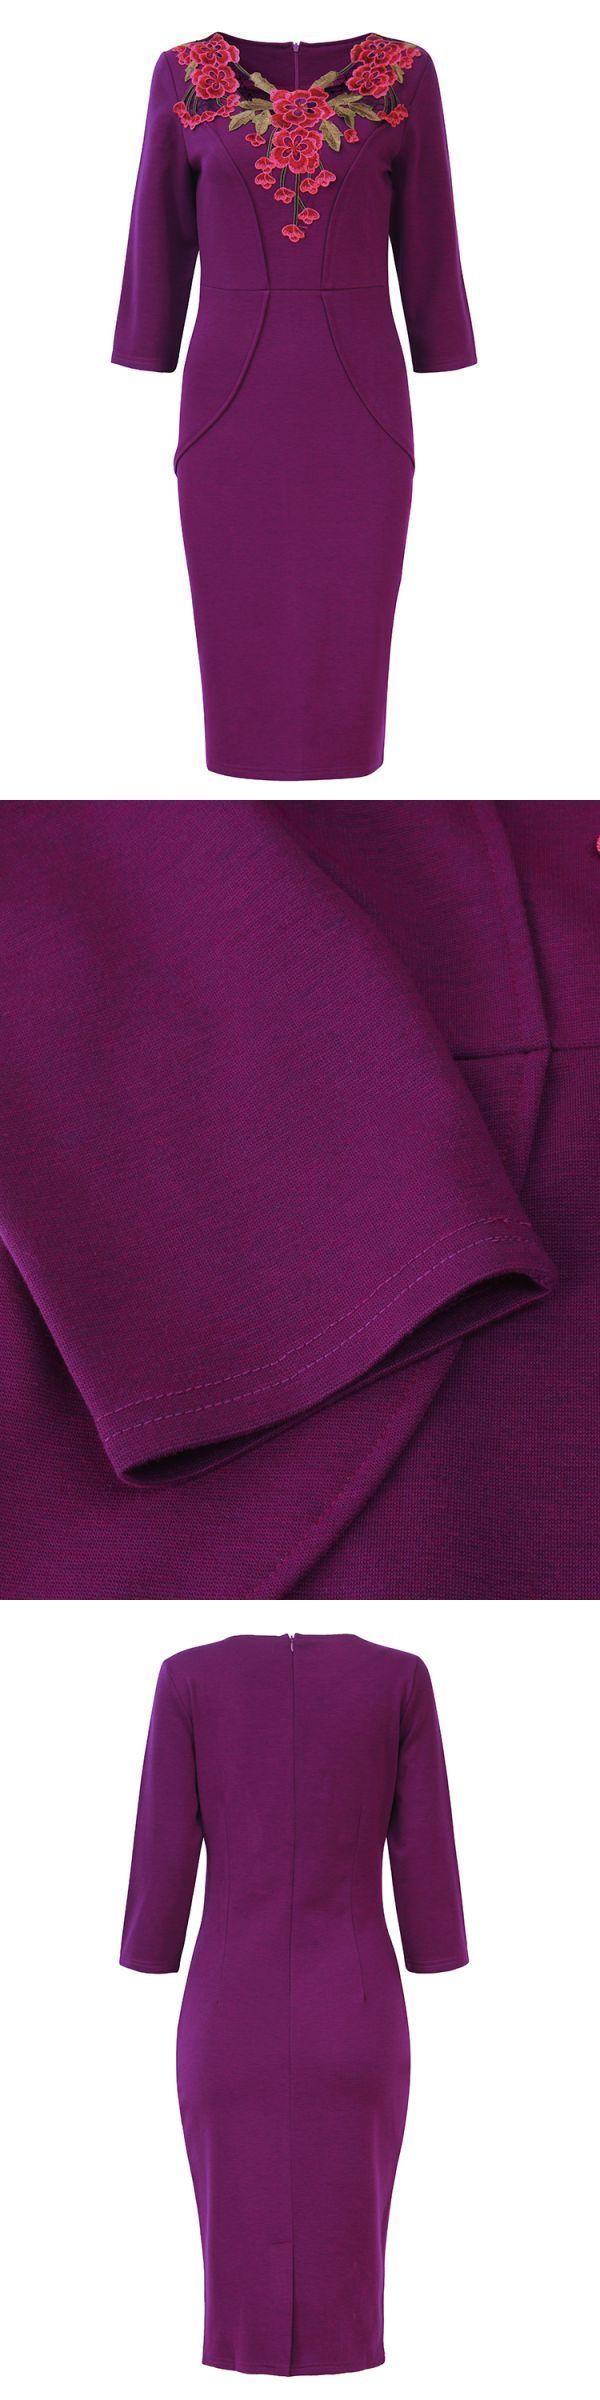 84 mejores imágenes de Shopshe.net en Party Dresses en Pinterest